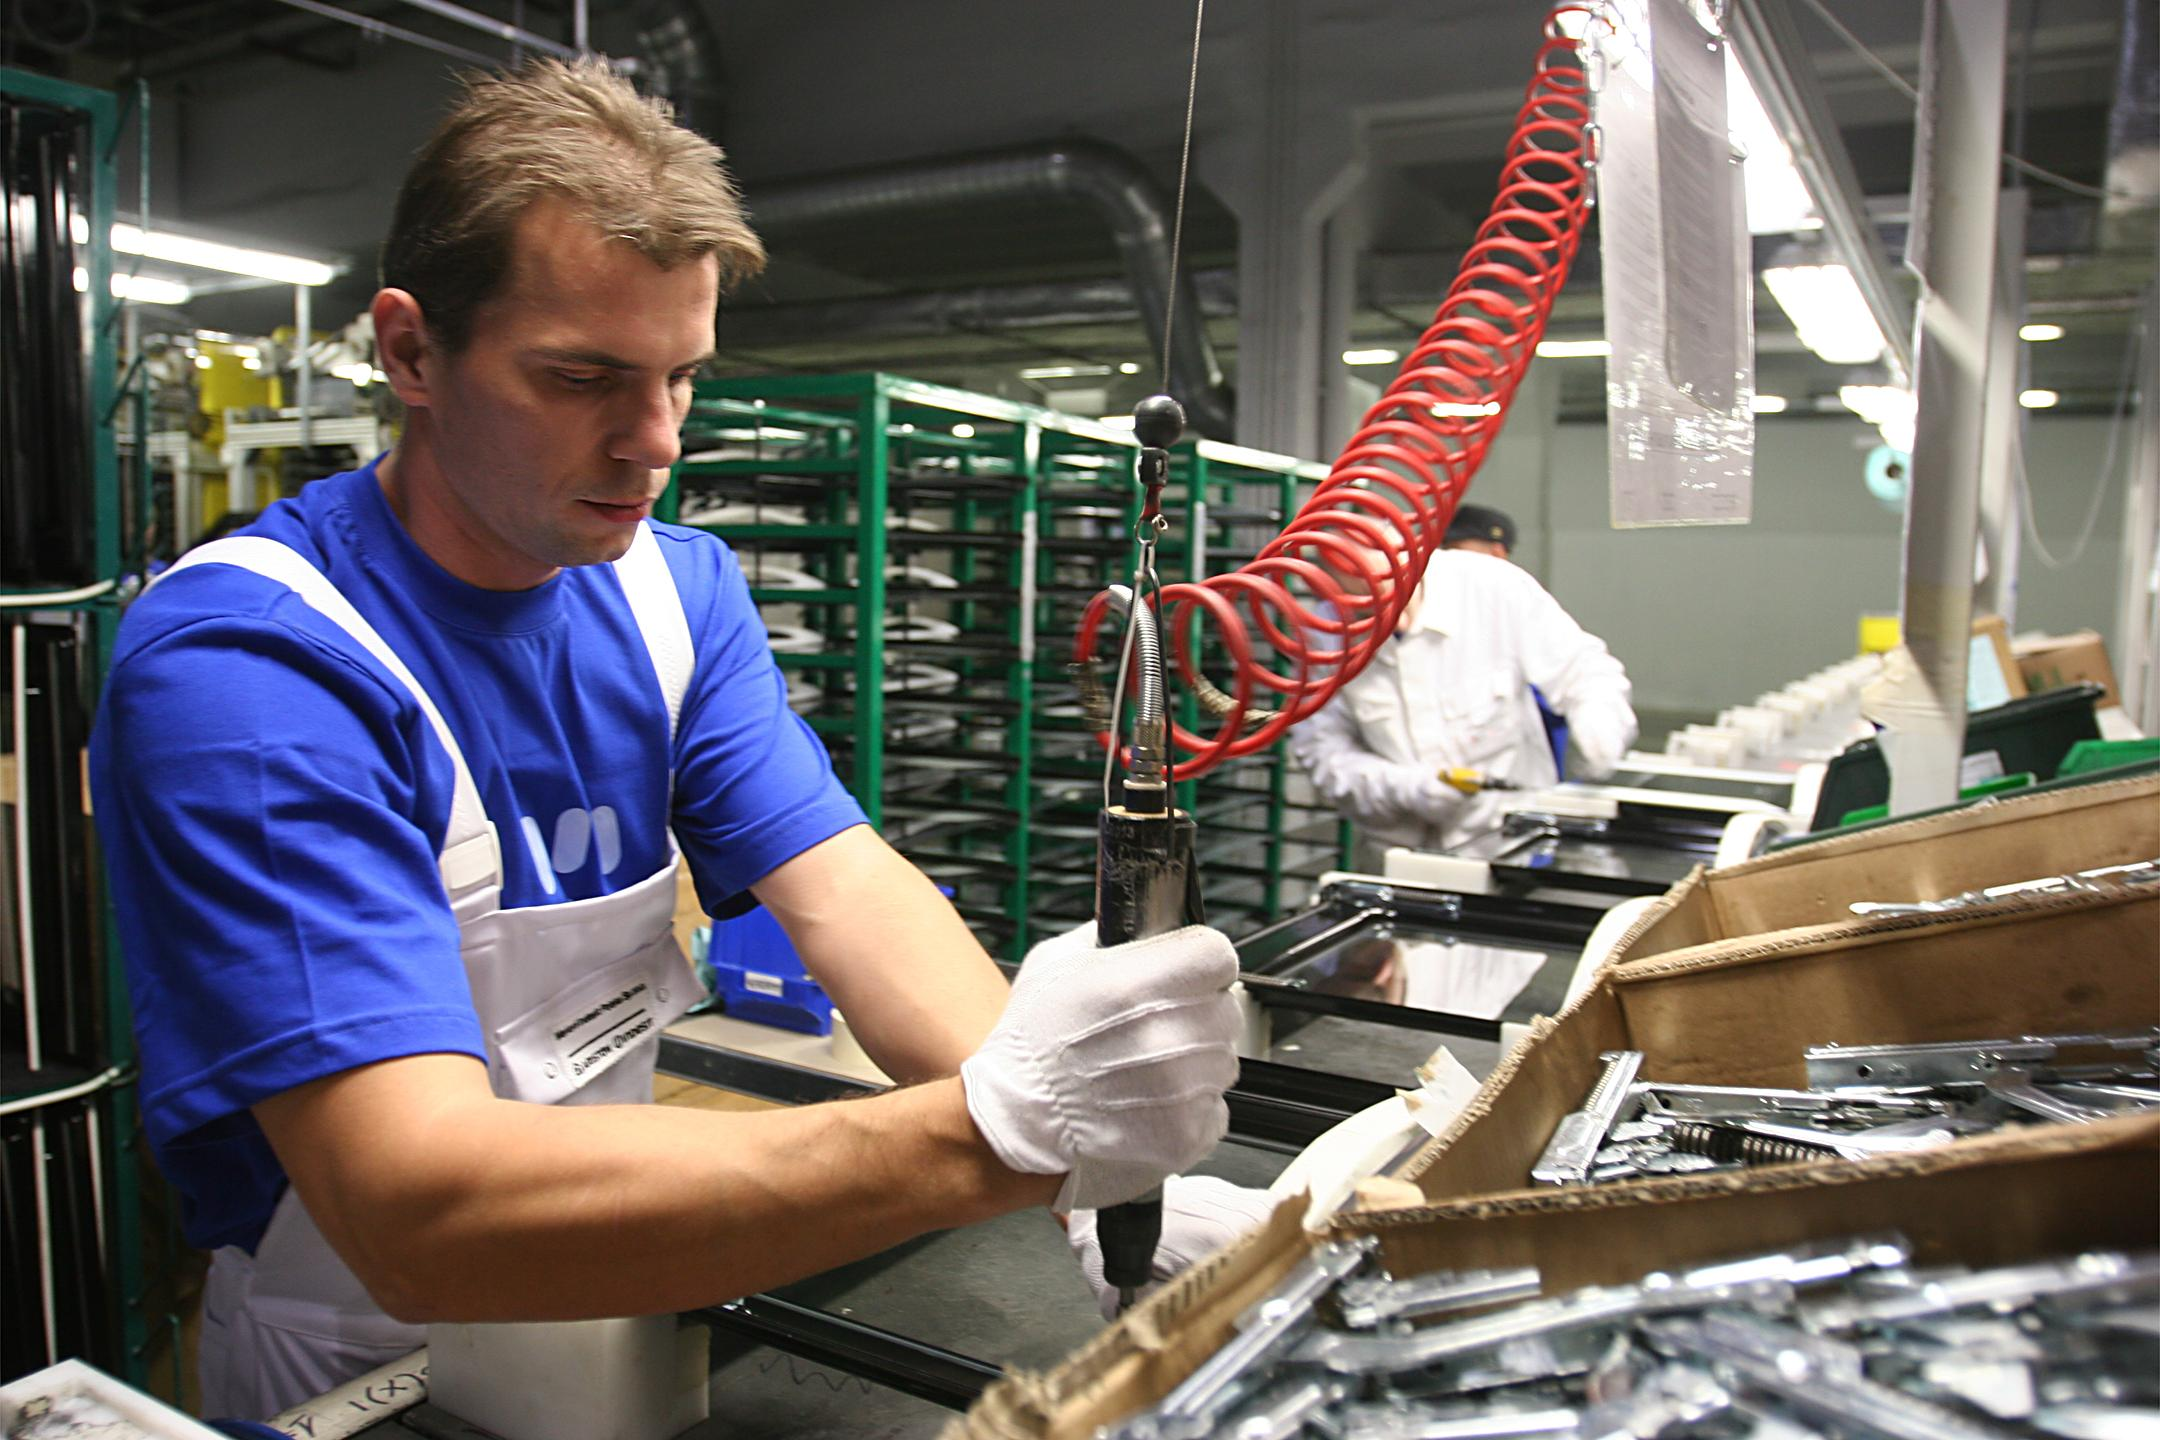 Lavoro, cresce l'occupazione stabile: in nove mesi 371,347 nuovi posti a tempo indeterminato. L'effetto decontribuzione